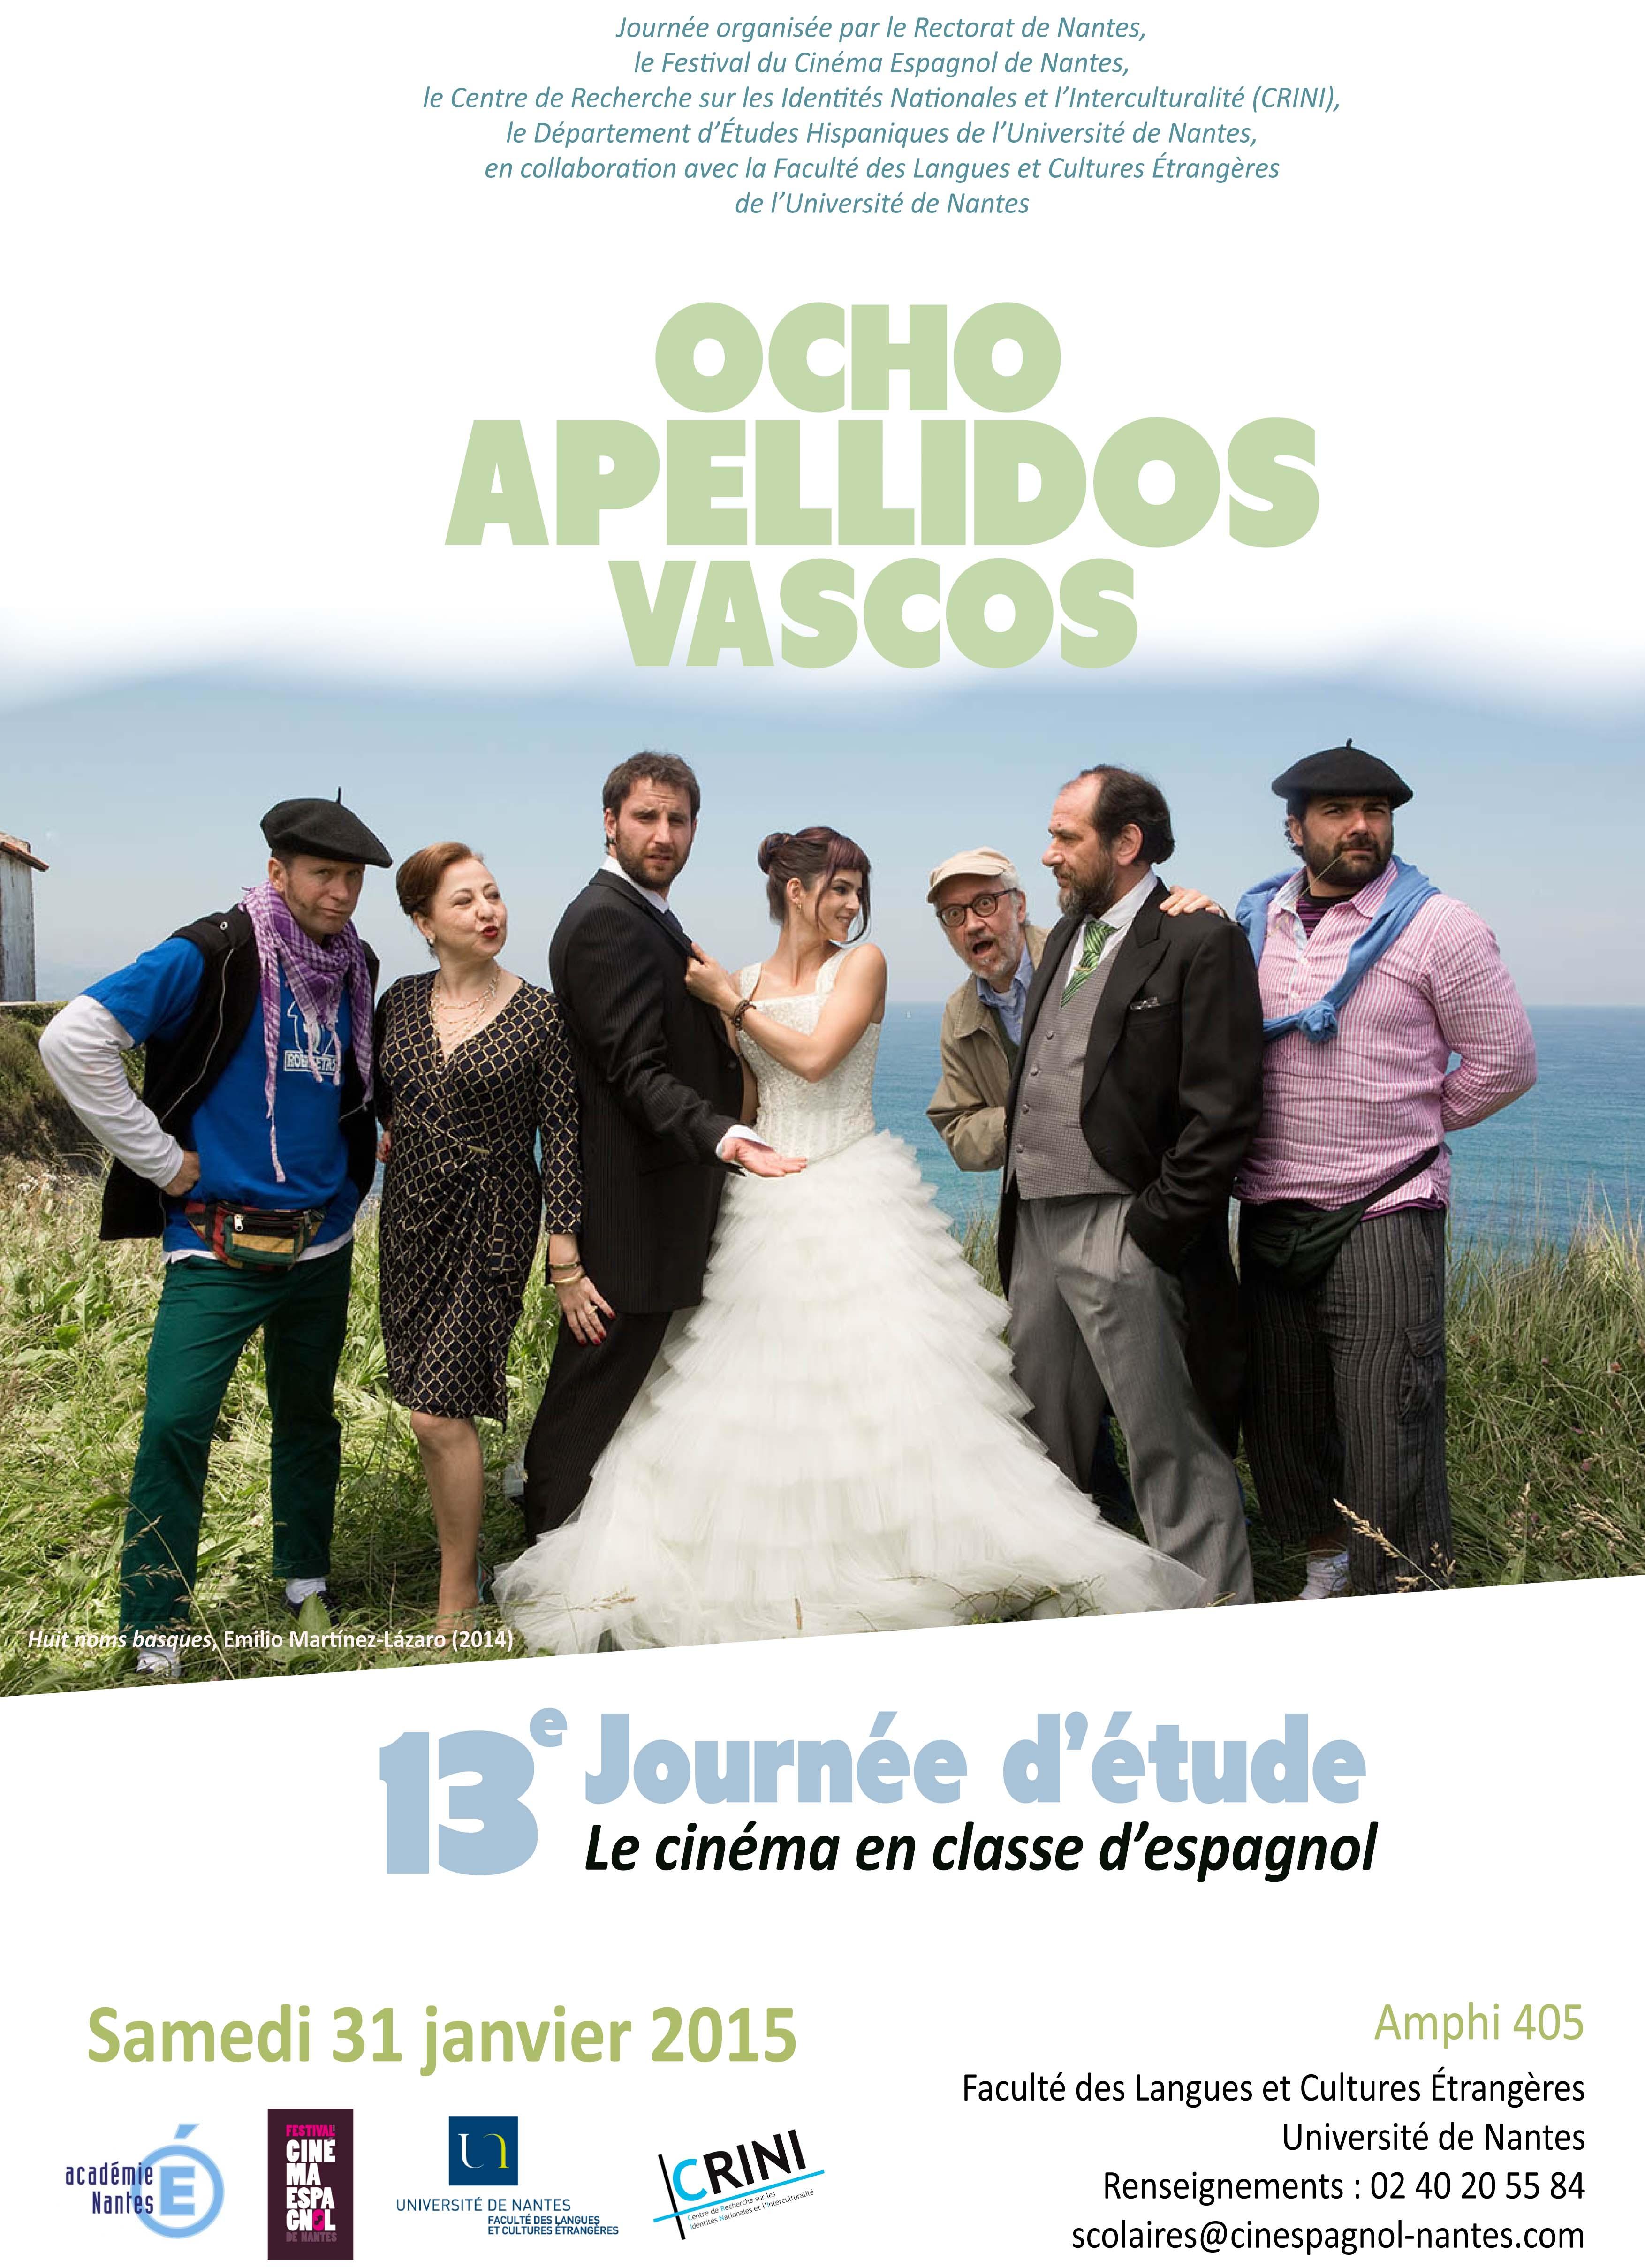 Programme Journée d'étude le cinéma en classe d'espagnol 2015